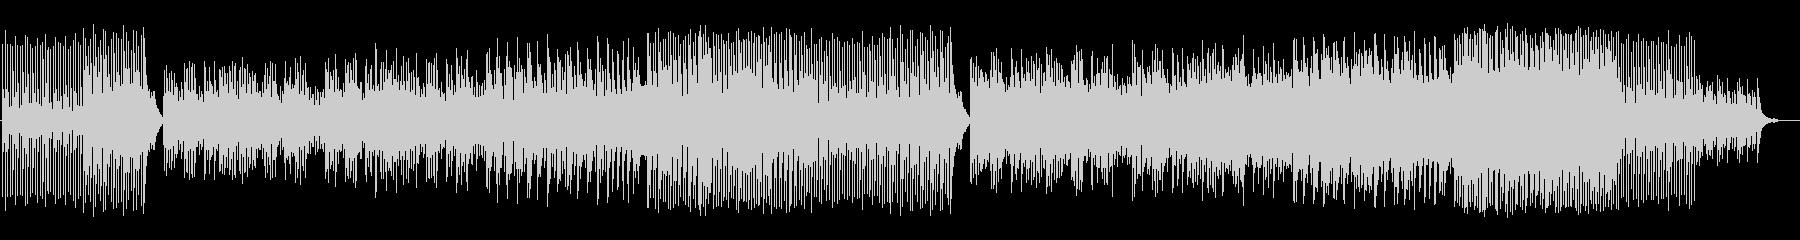 のんびりとした時間と空間を表現した和曲の未再生の波形